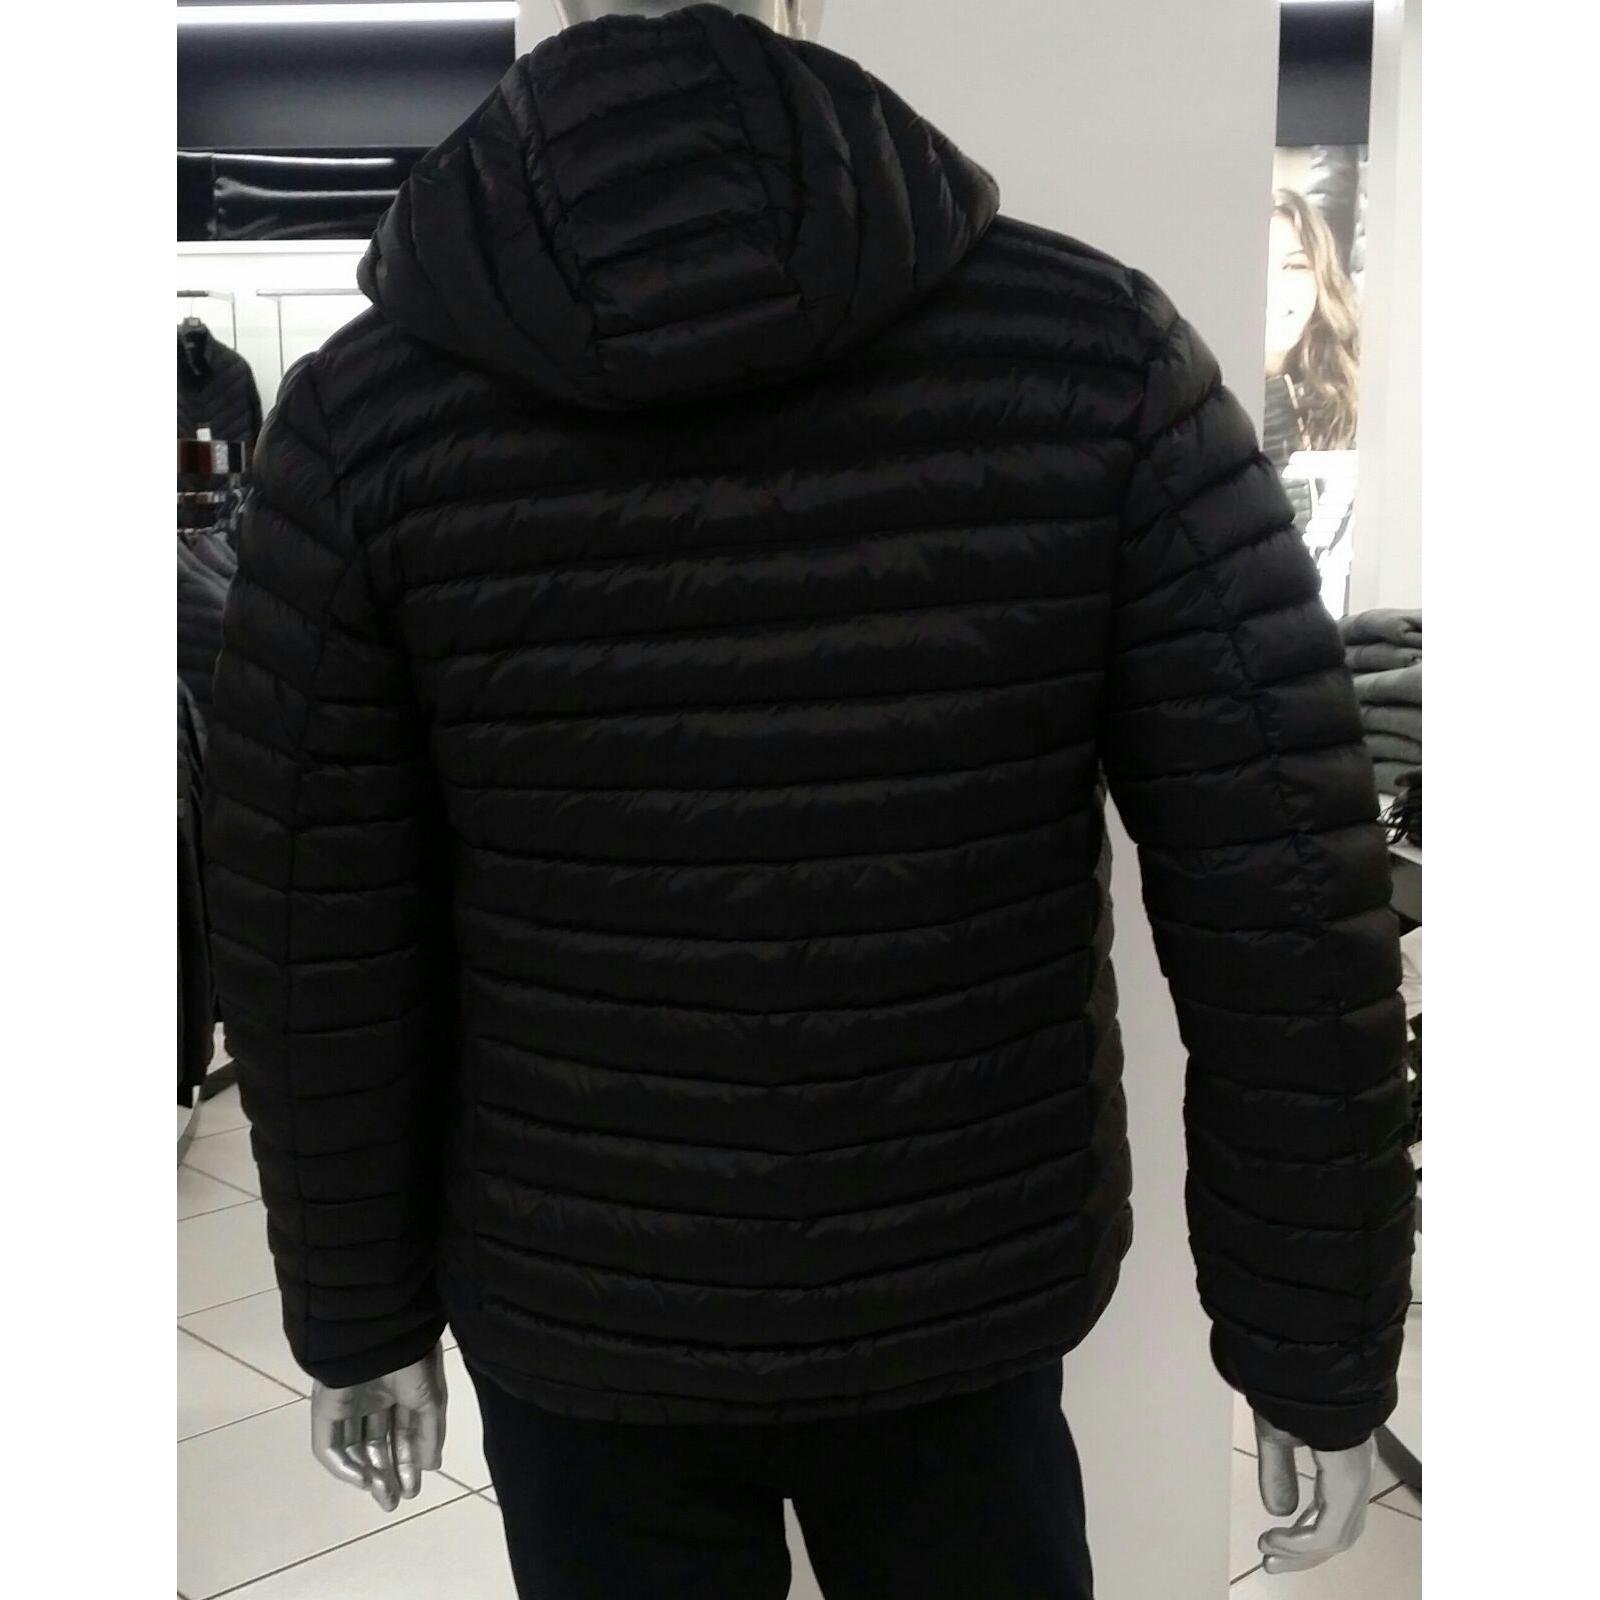 buy online 44016 01d4d Hanko Ciesse Piumini Piumino Abbigliamento Uomo Nero Outdoor ...